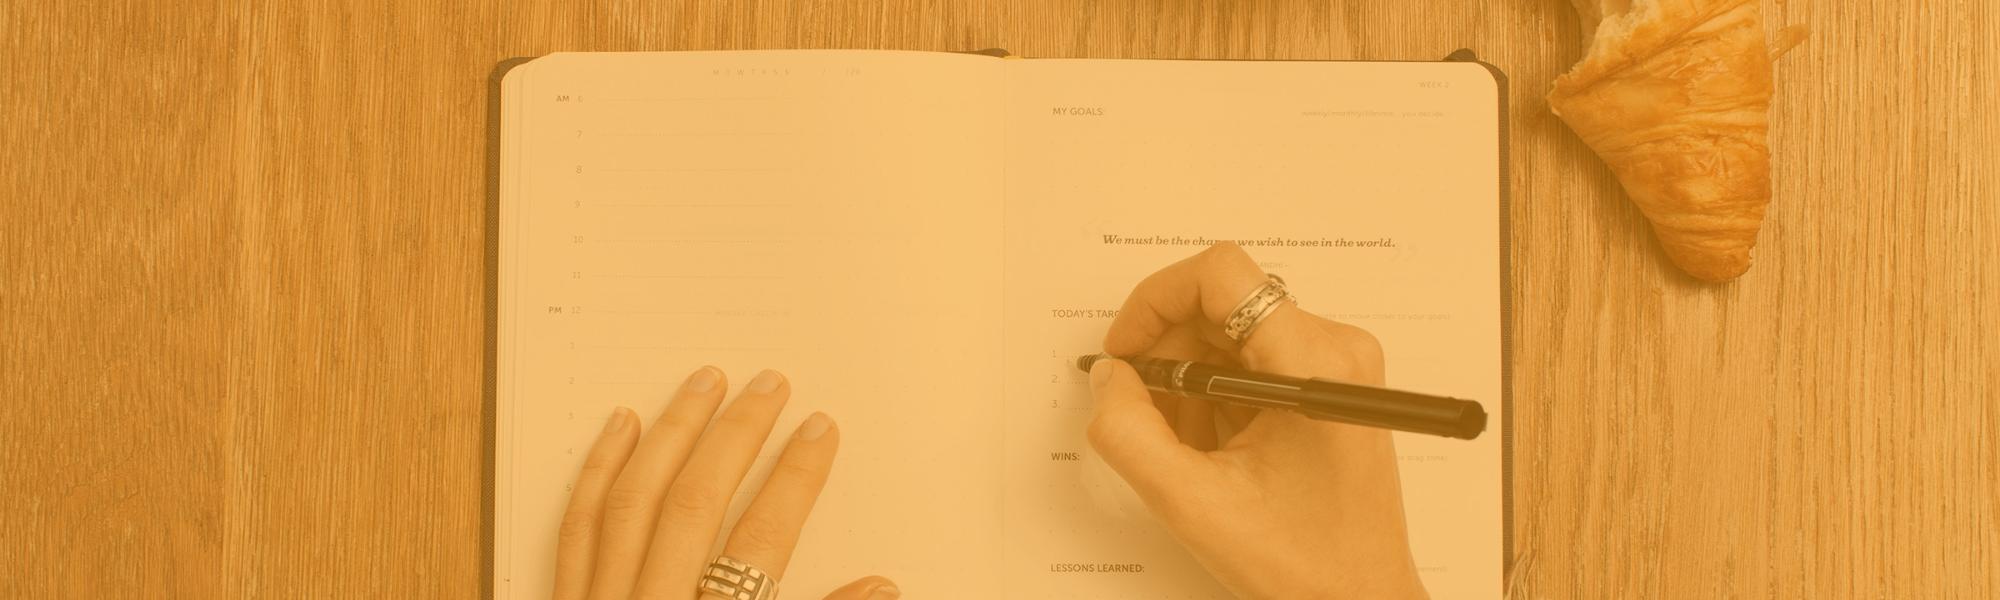 Cómo Escribir Contenidos para Inbound Marketing - El Proceso